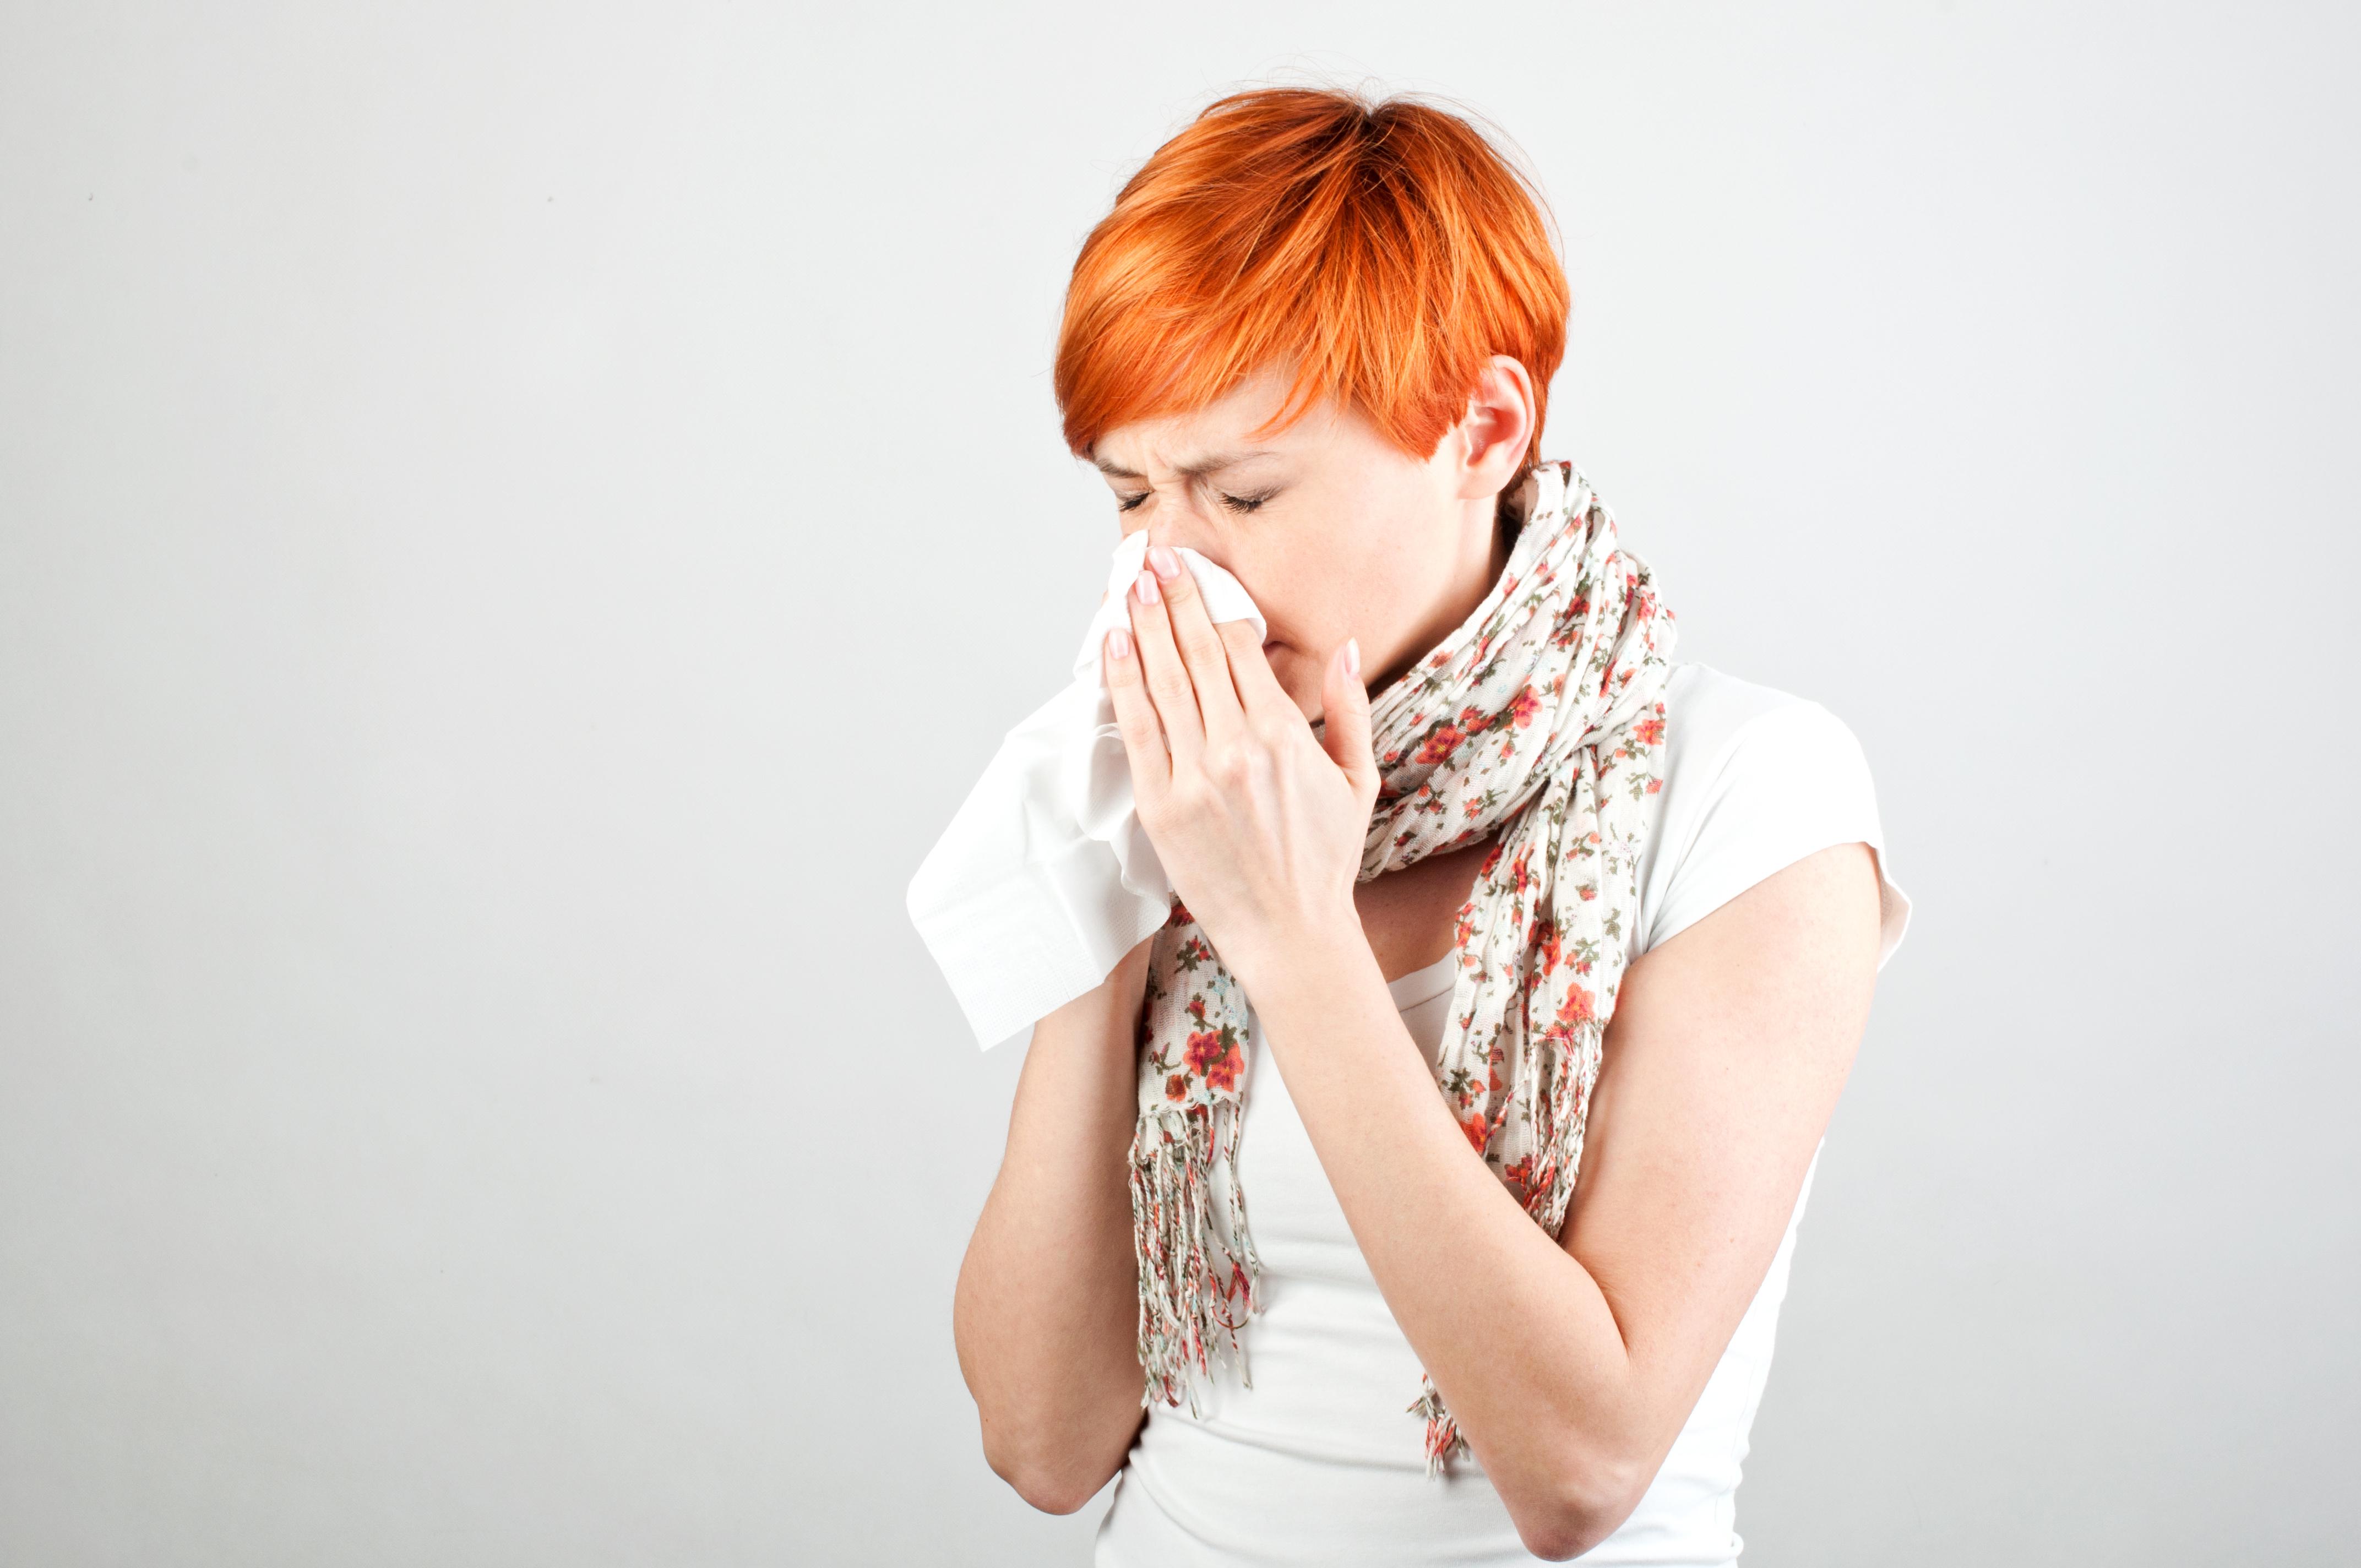 Att du börjar reagera är ofta ett tecken på att kroppen börjar slå tillbaka snarare än att man precis fick viruset.